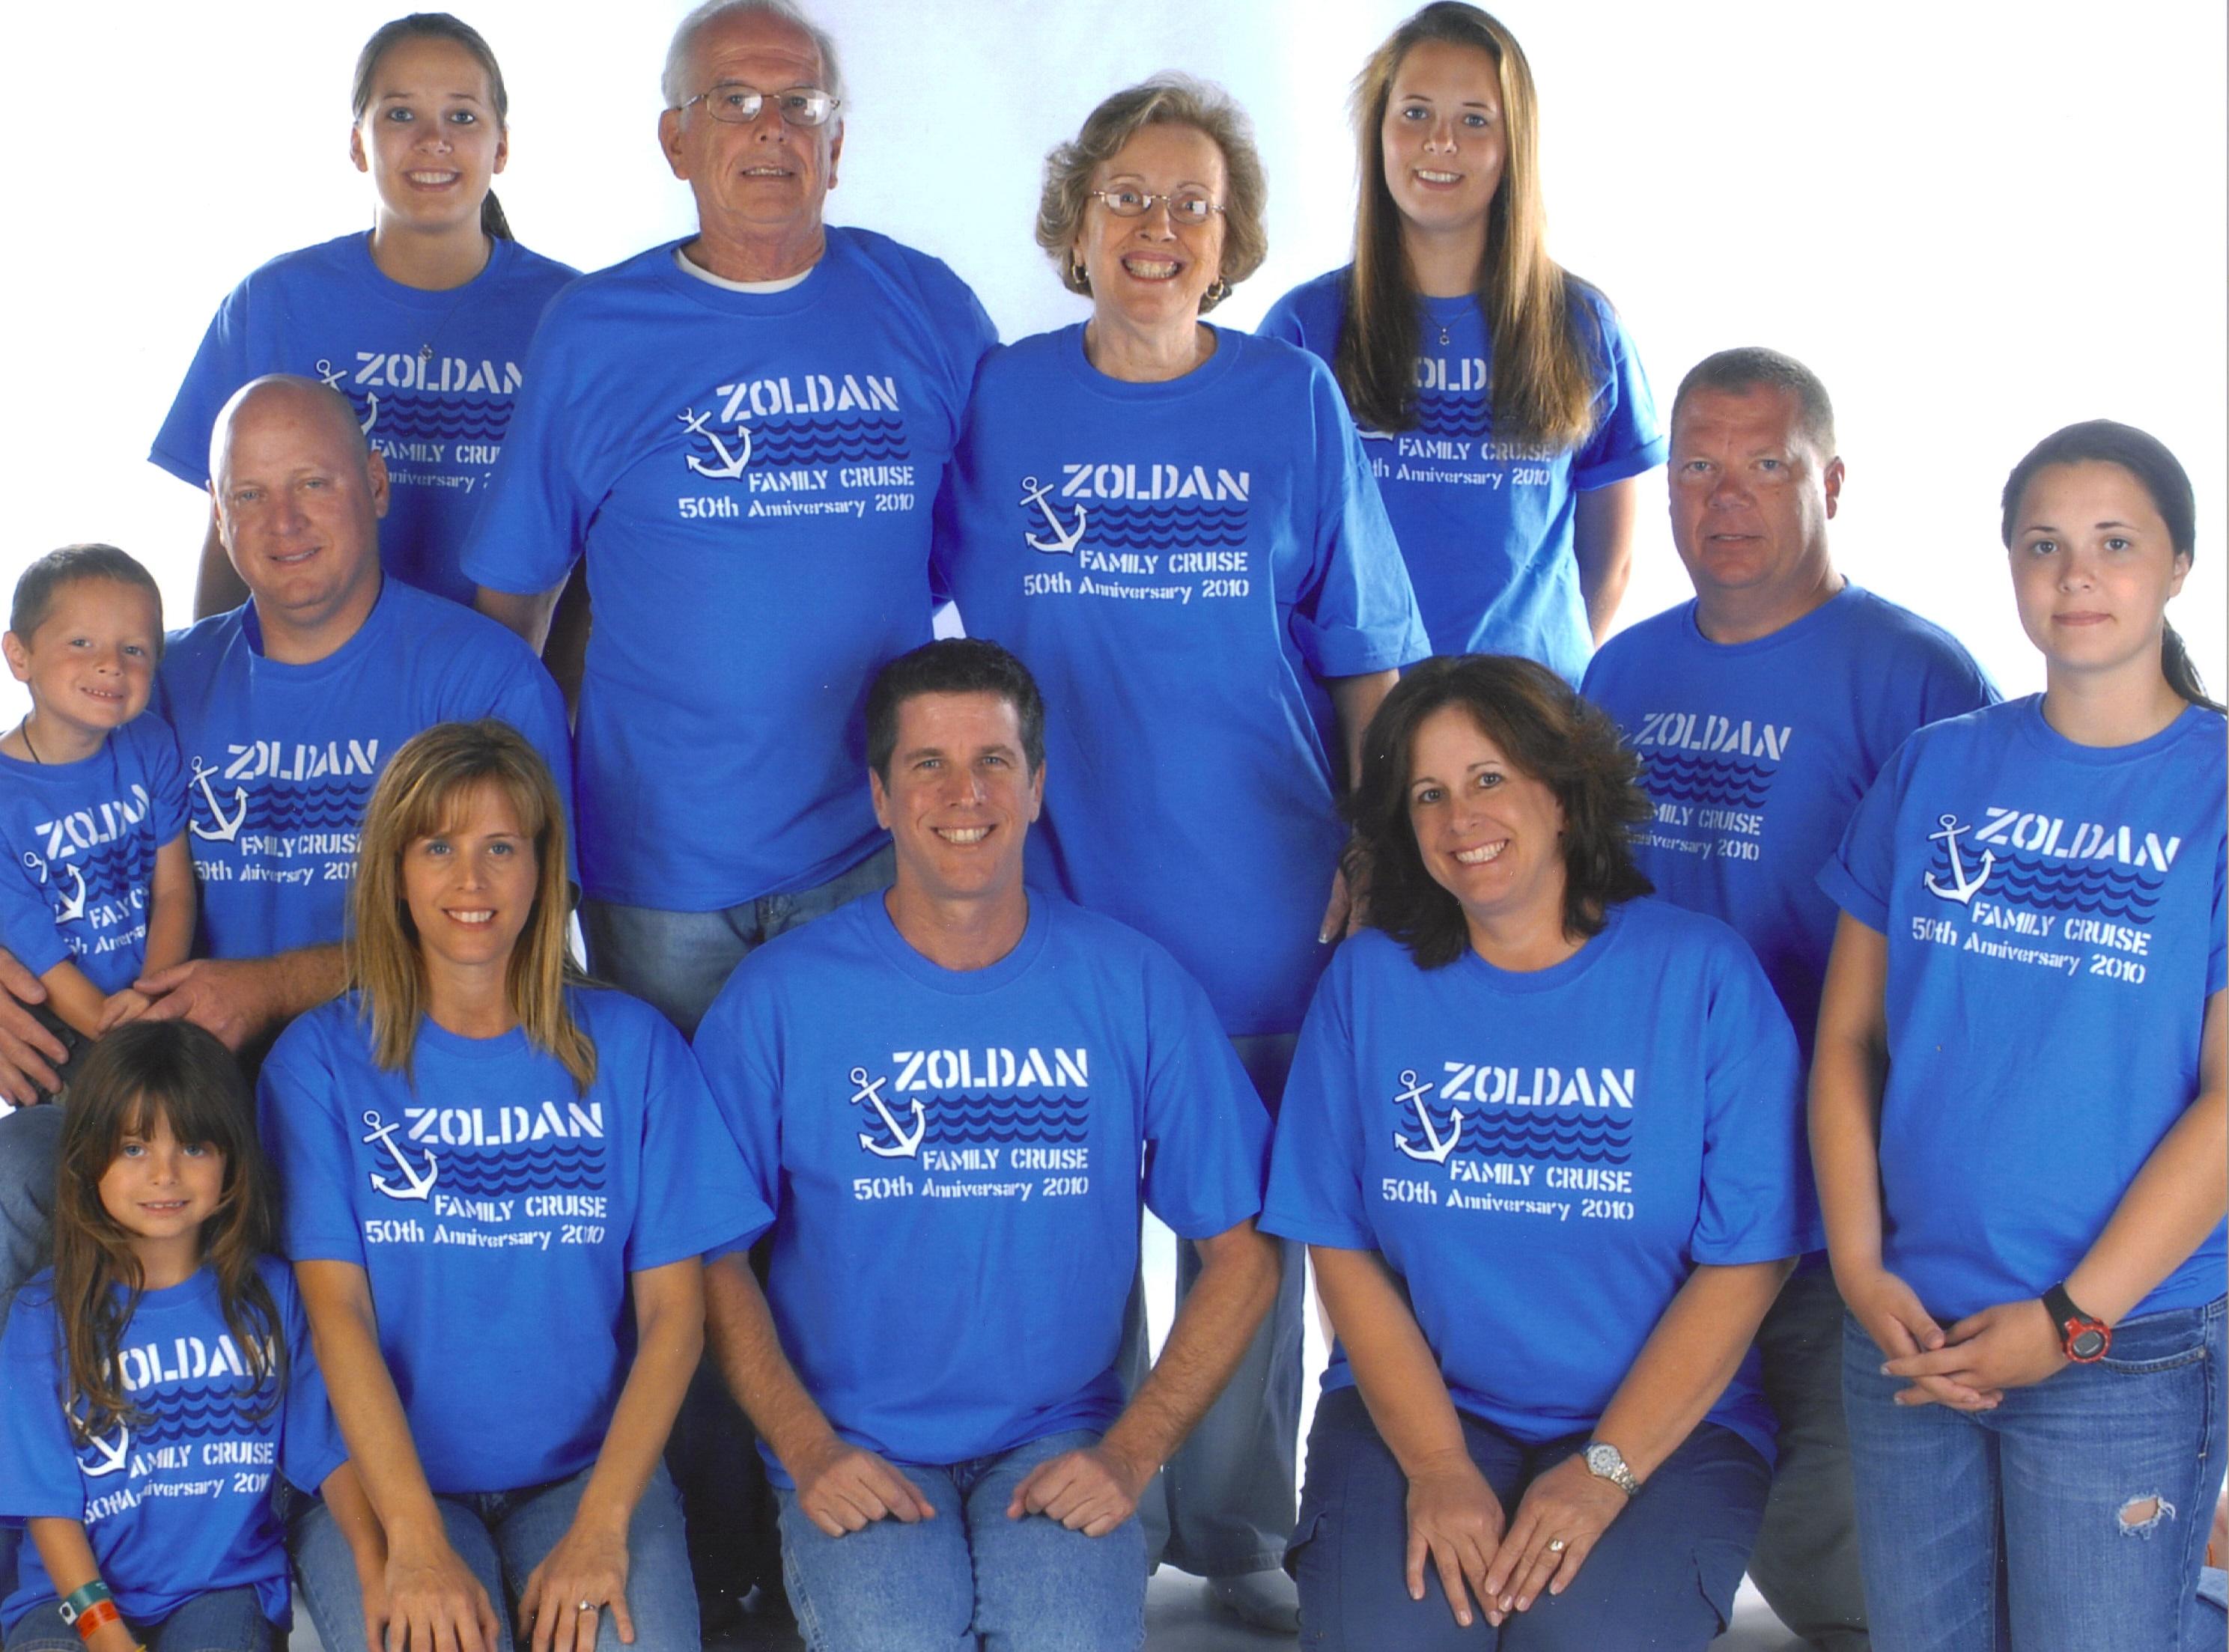 Zoldans 50th Anniversary Cruise T Shirt Photo